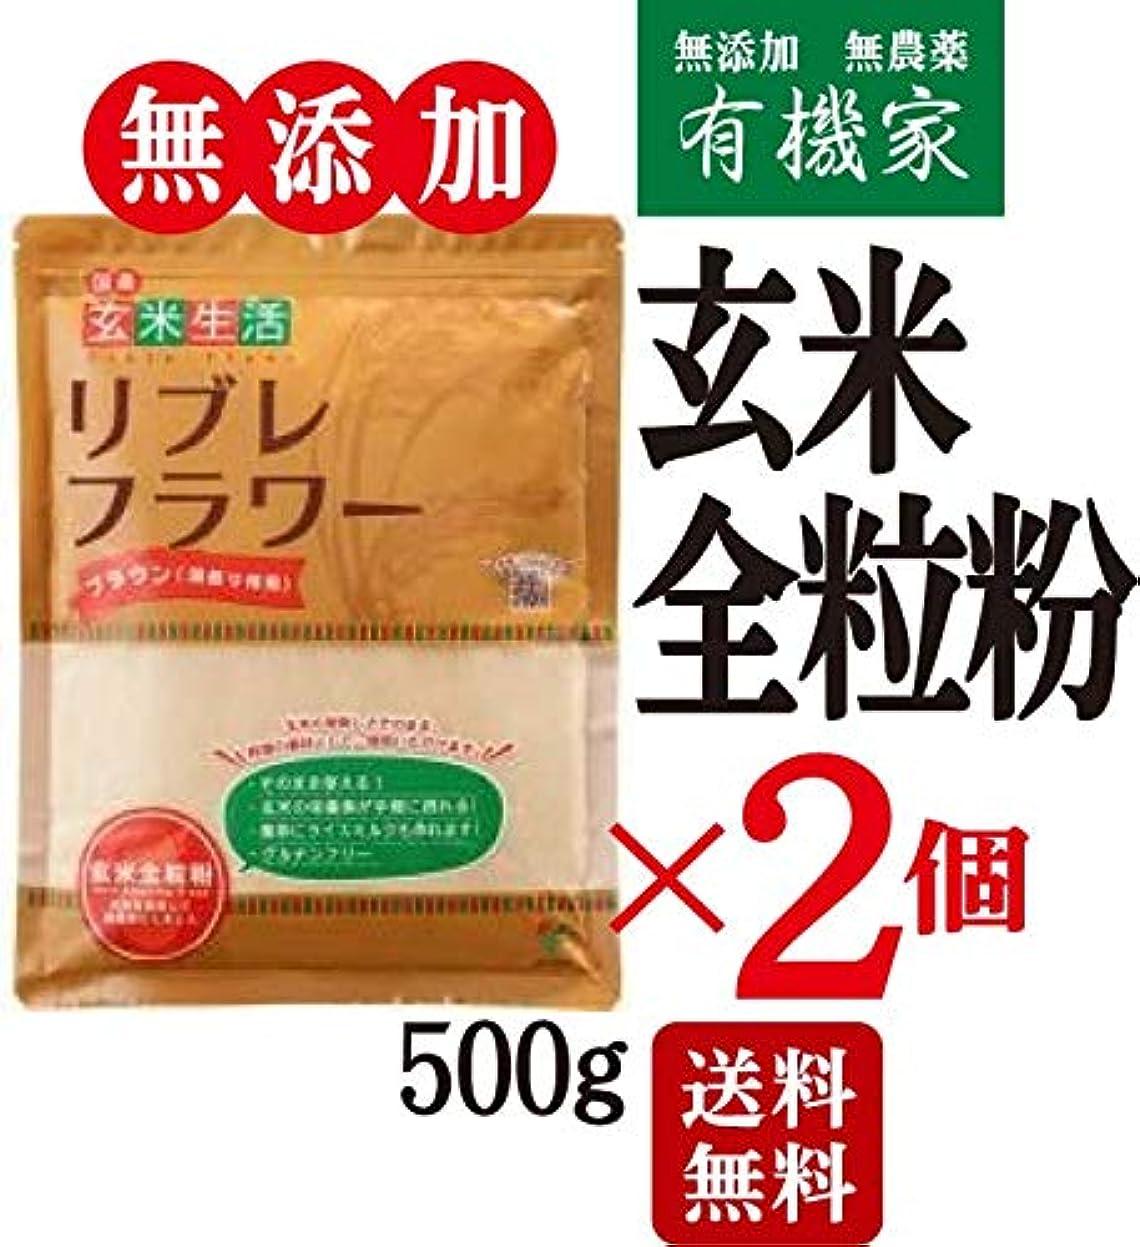 コレクション議論する保持する全粒粉 玄米粉 リブレフラワー ブラウン 500g×2個 ★ 送料無料 ネコポス便 ★リブレフラワーは、世界で初めて開発に成功した高い品質の 玄米 全粒 微粉末 。 今までの玄米粉と違い、ビタミン、ミネラル、食物繊維など玄米に含まれている40種類以上の栄養成分が、 ほとんど破壊されずに含まれています。